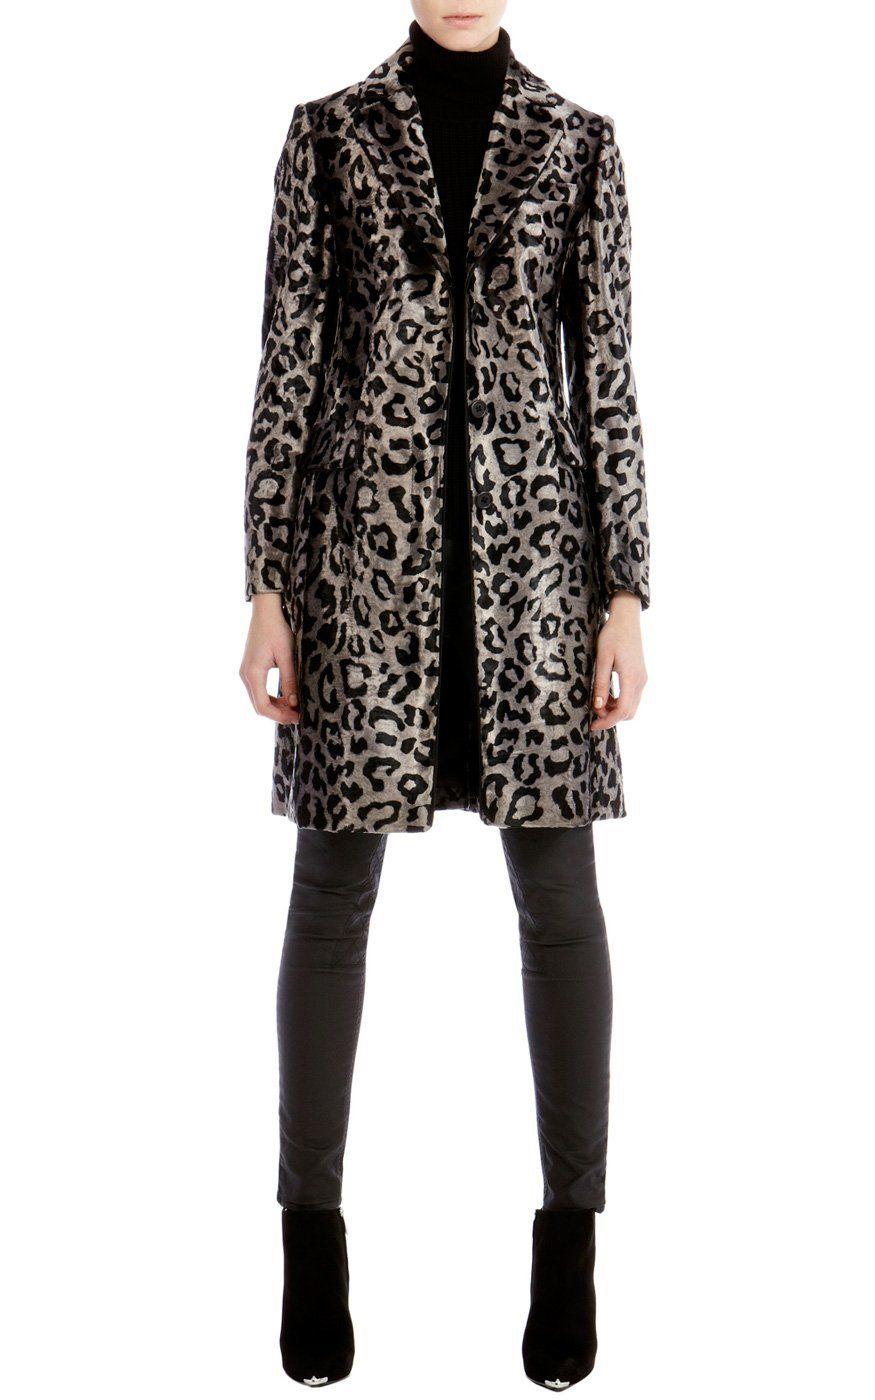 ece7c984ad7d LEOPARD PRINT COAT by Karen Millen #Karen_Millen #leopard #coat ...